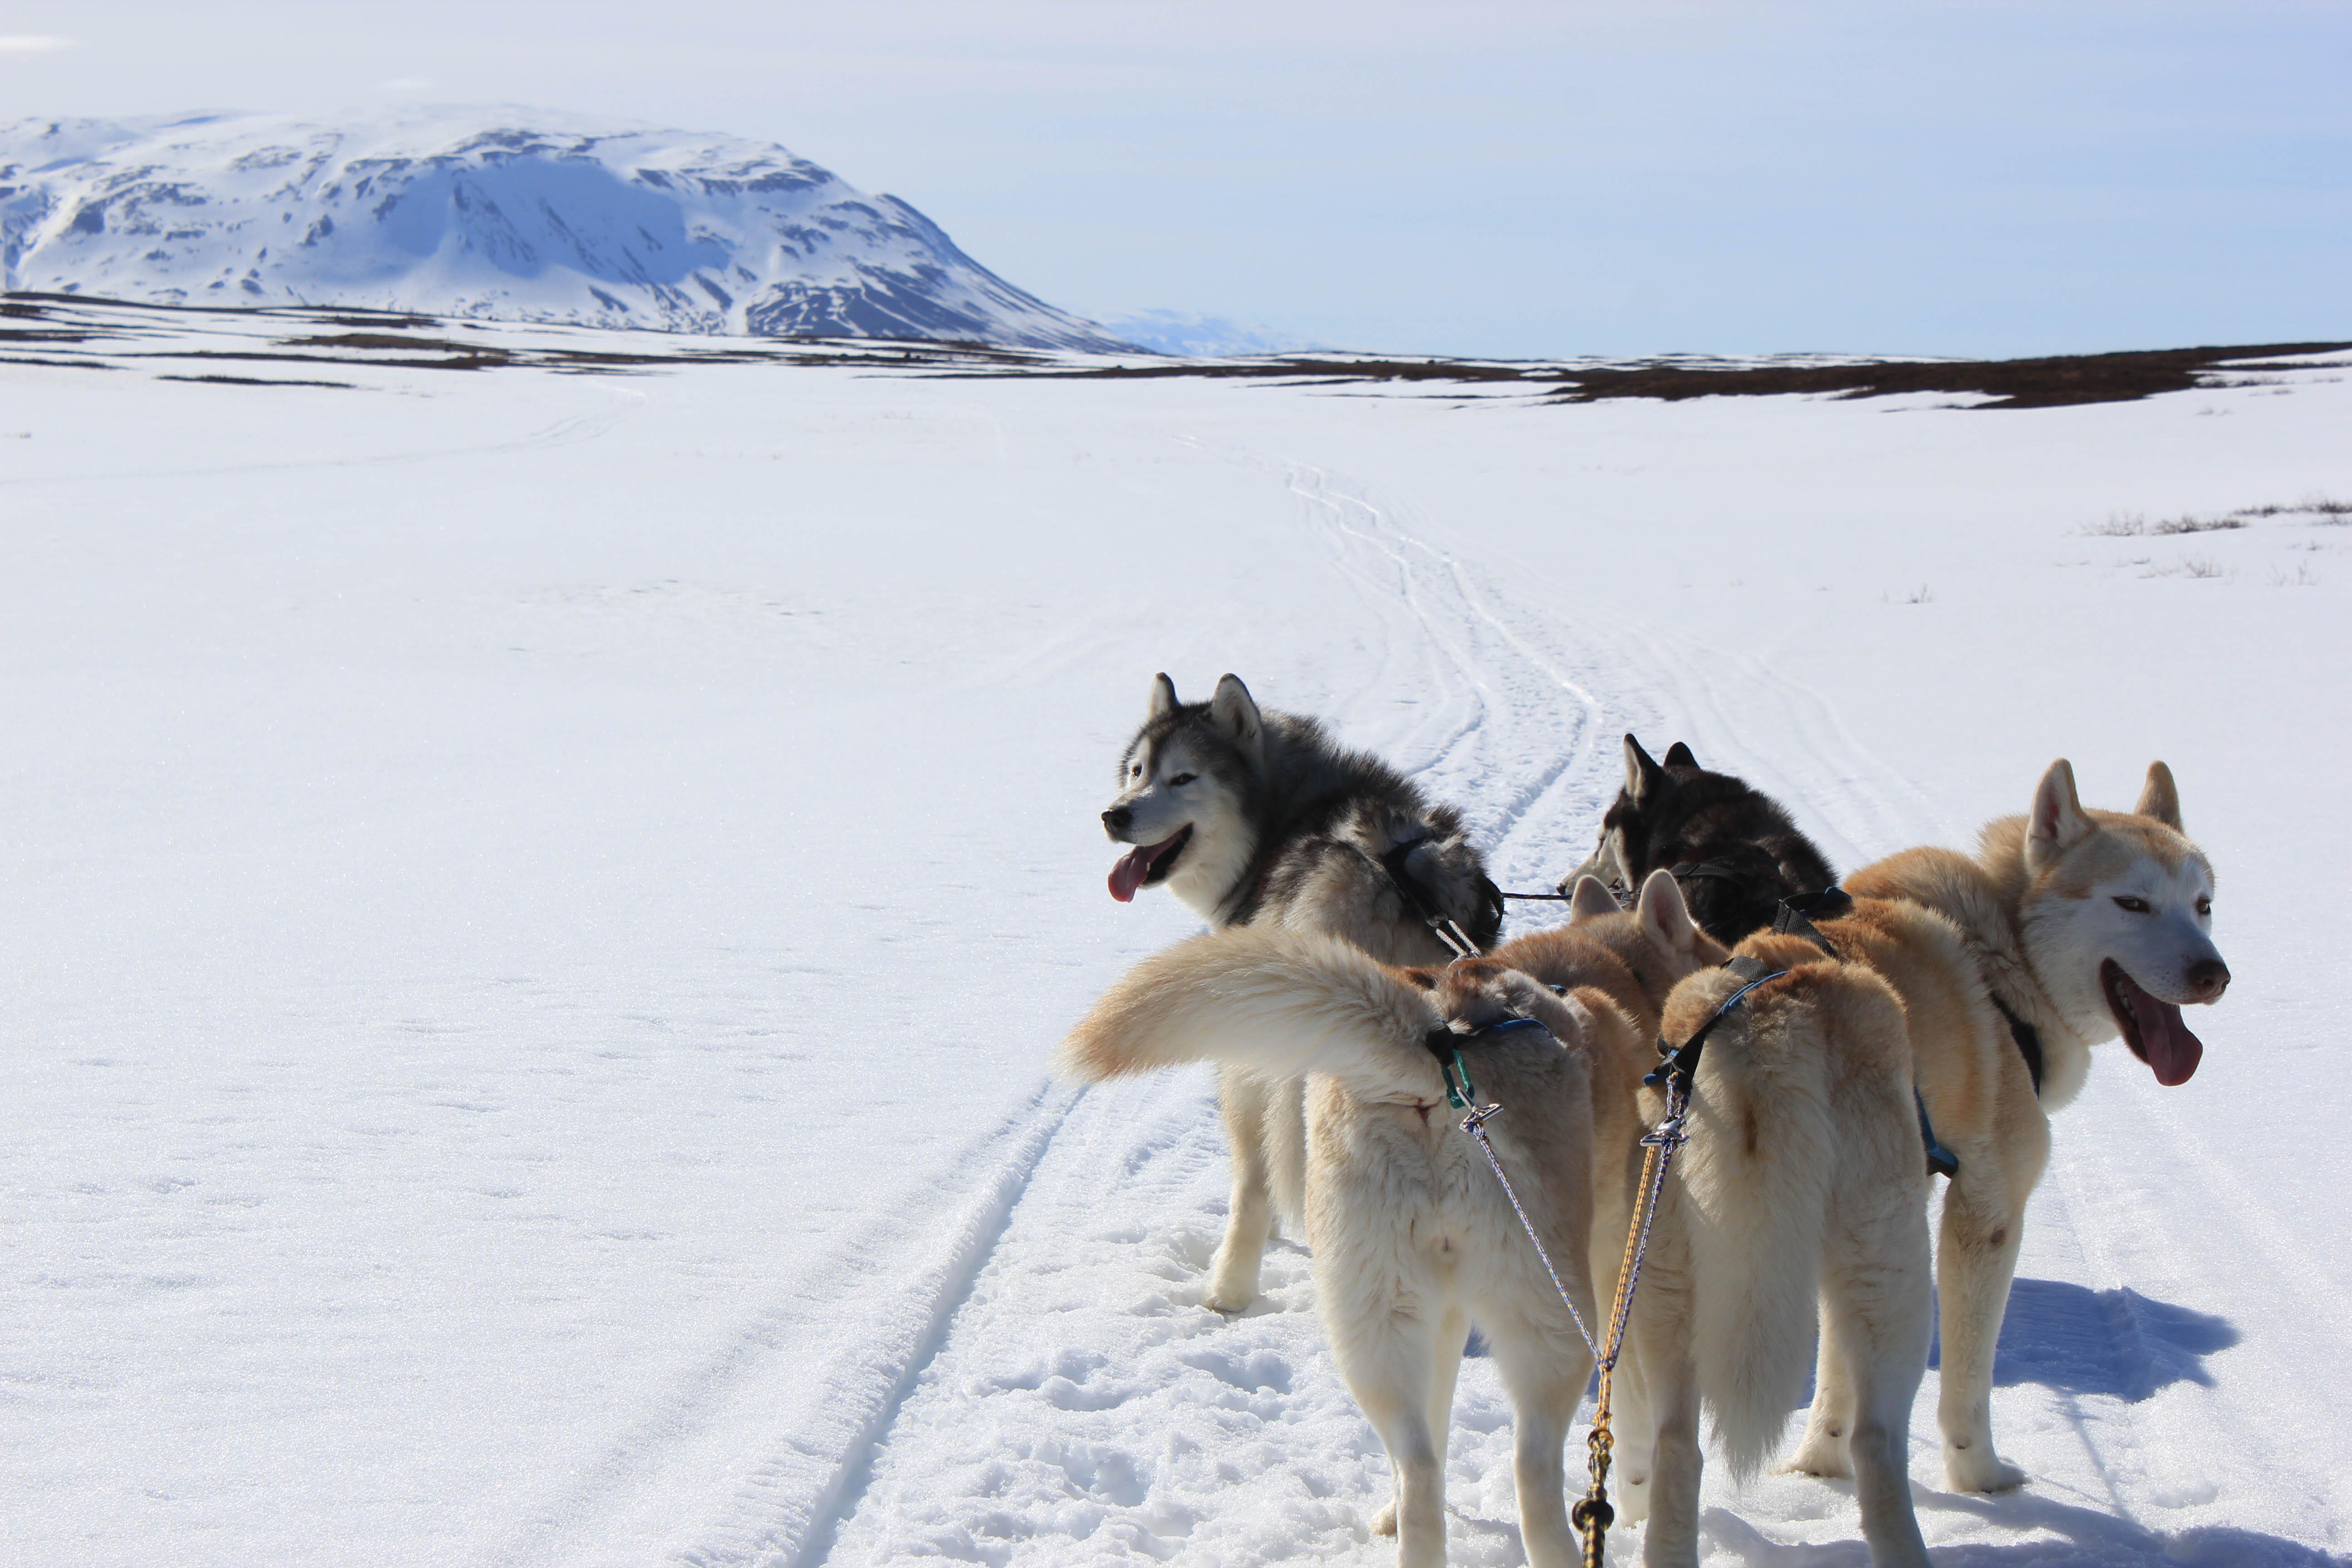 ทัวร์ไซบีเรียน ฮัสกี้เป็นทัวร์ที่เหมาะสำหรับผู้ที่รักสัตว์ ชื่นชอบการผจญภัย และทัศนียภายที่สวยงาม